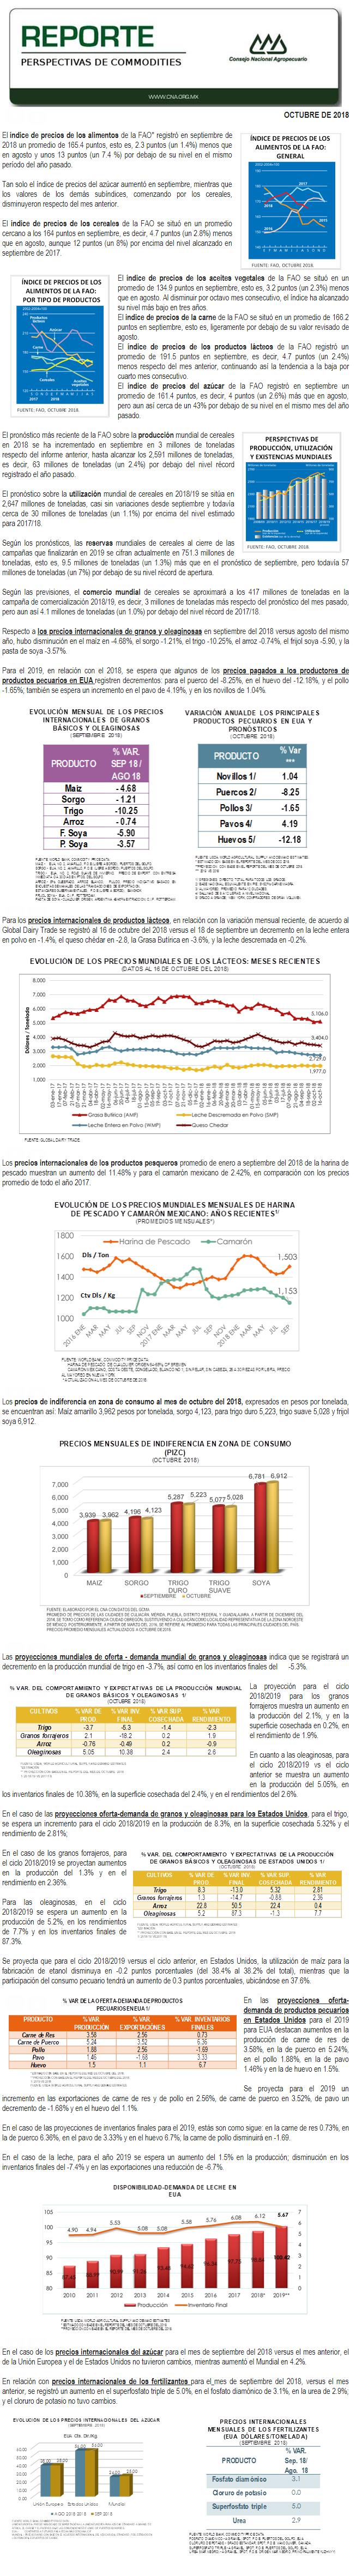 REPORTE DE PERSPECTIVAS DE COMMODITIES DEL MES DE OCTUBRE DEL 2018